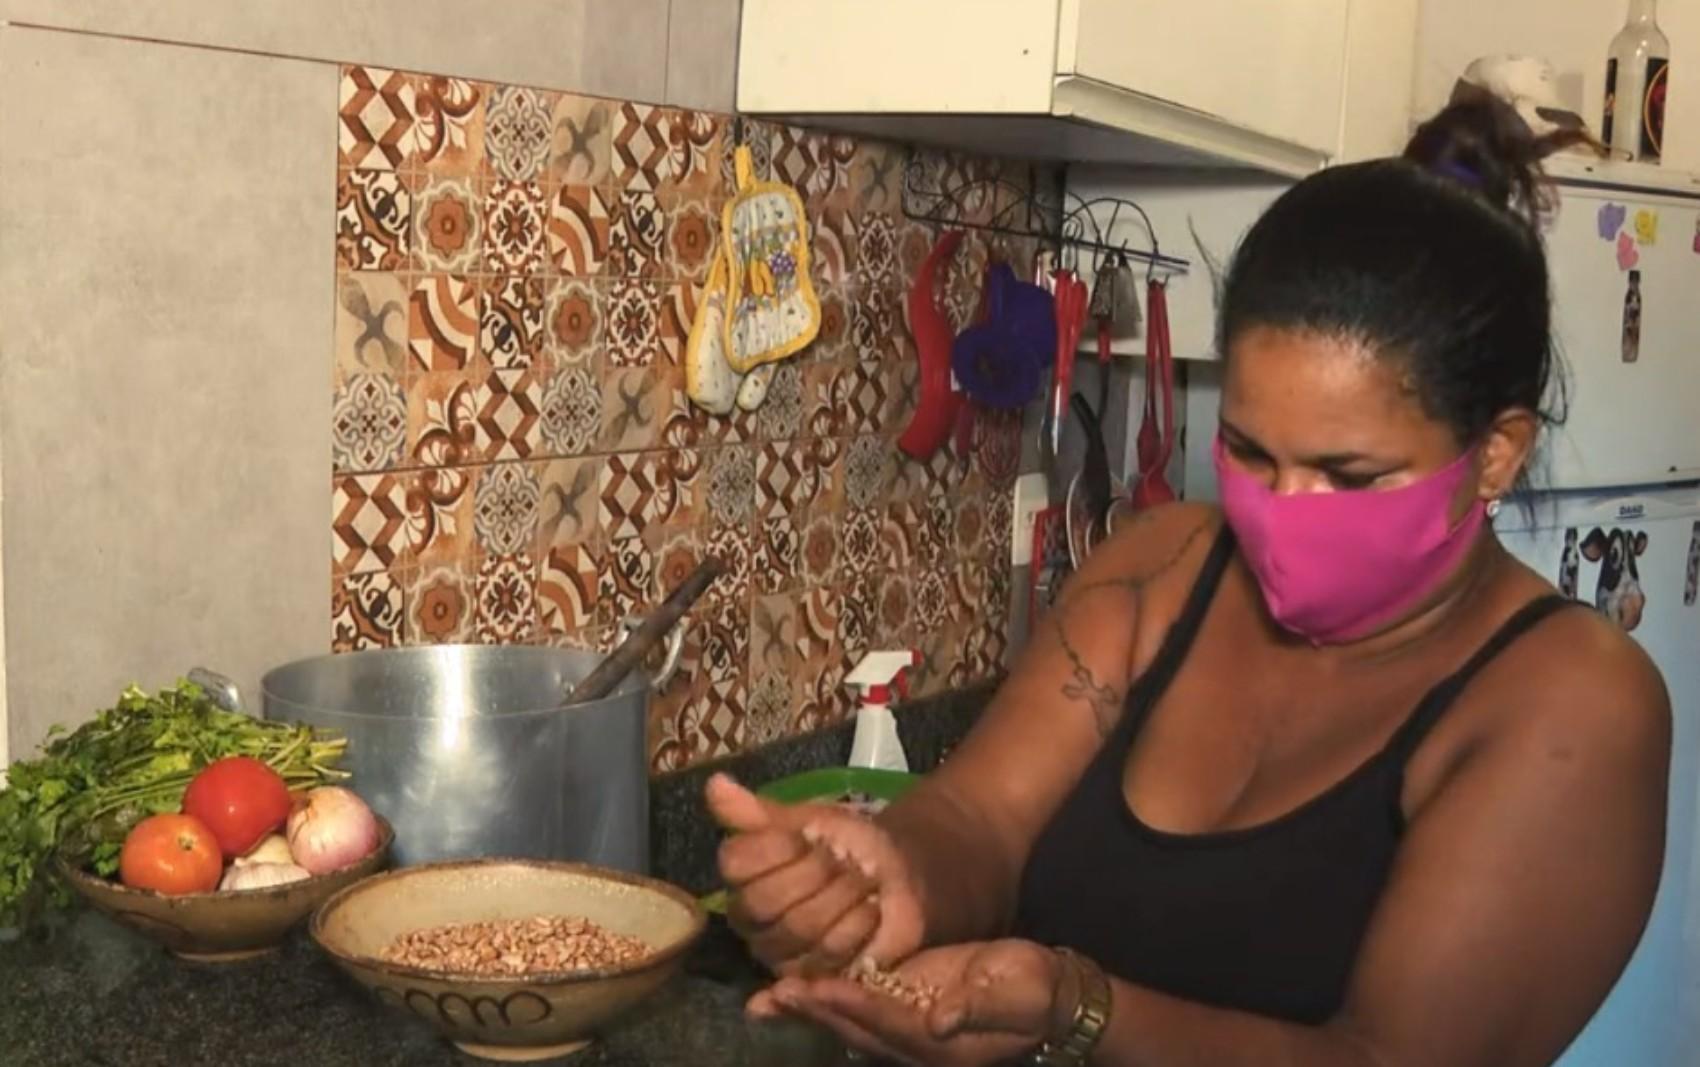 Mais afetadas pelo desemprego, baianas se reinventam e ajudam umas às outras a superar dificuldades econômicas